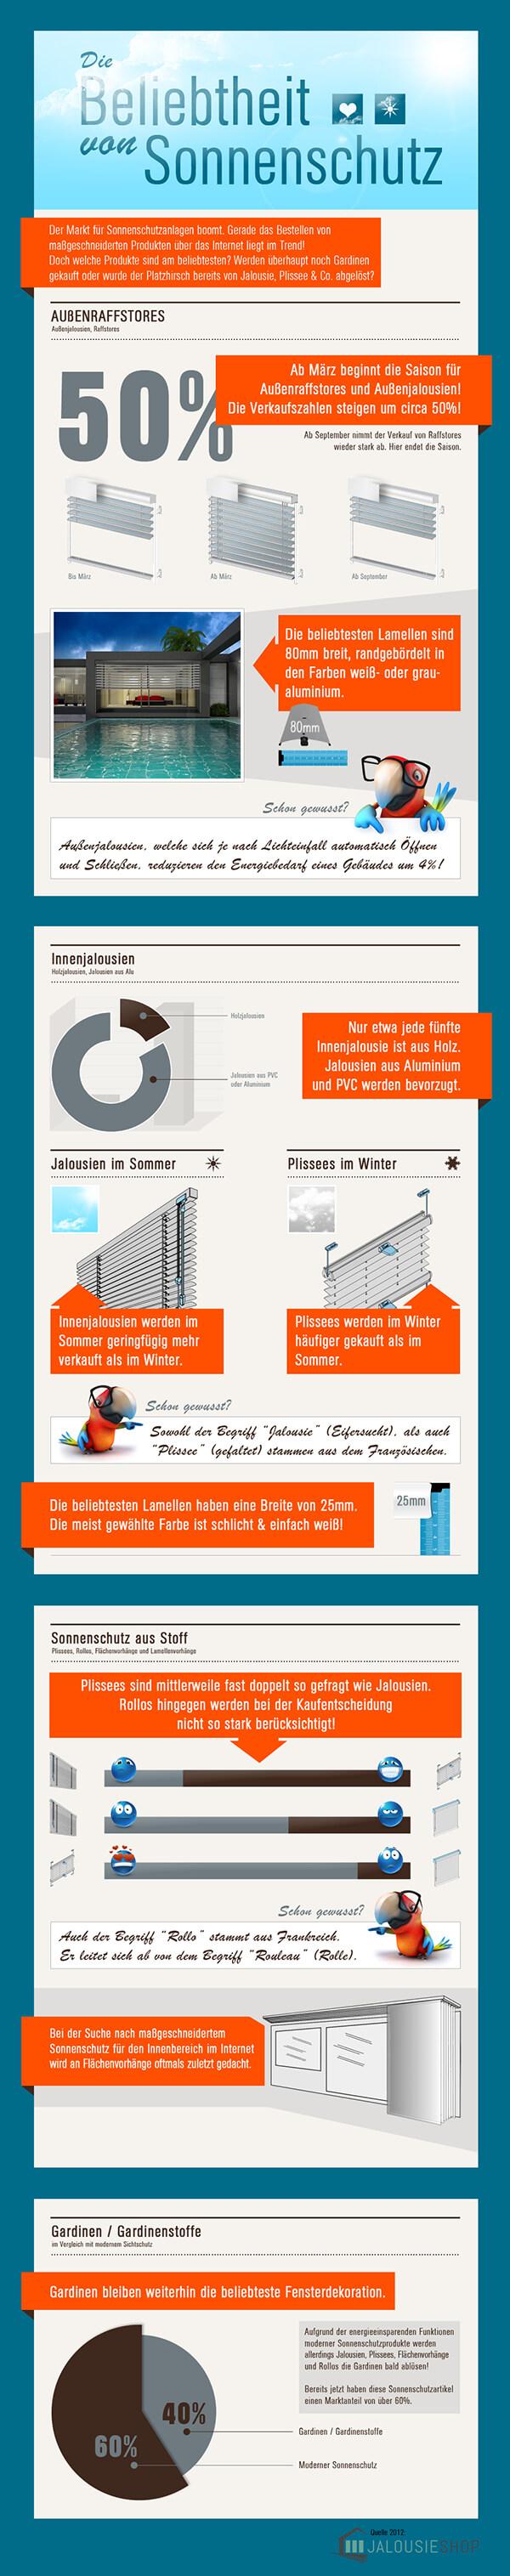 Die Beliebtheit von Jalousien, Plissees und Co. in Onlineshops